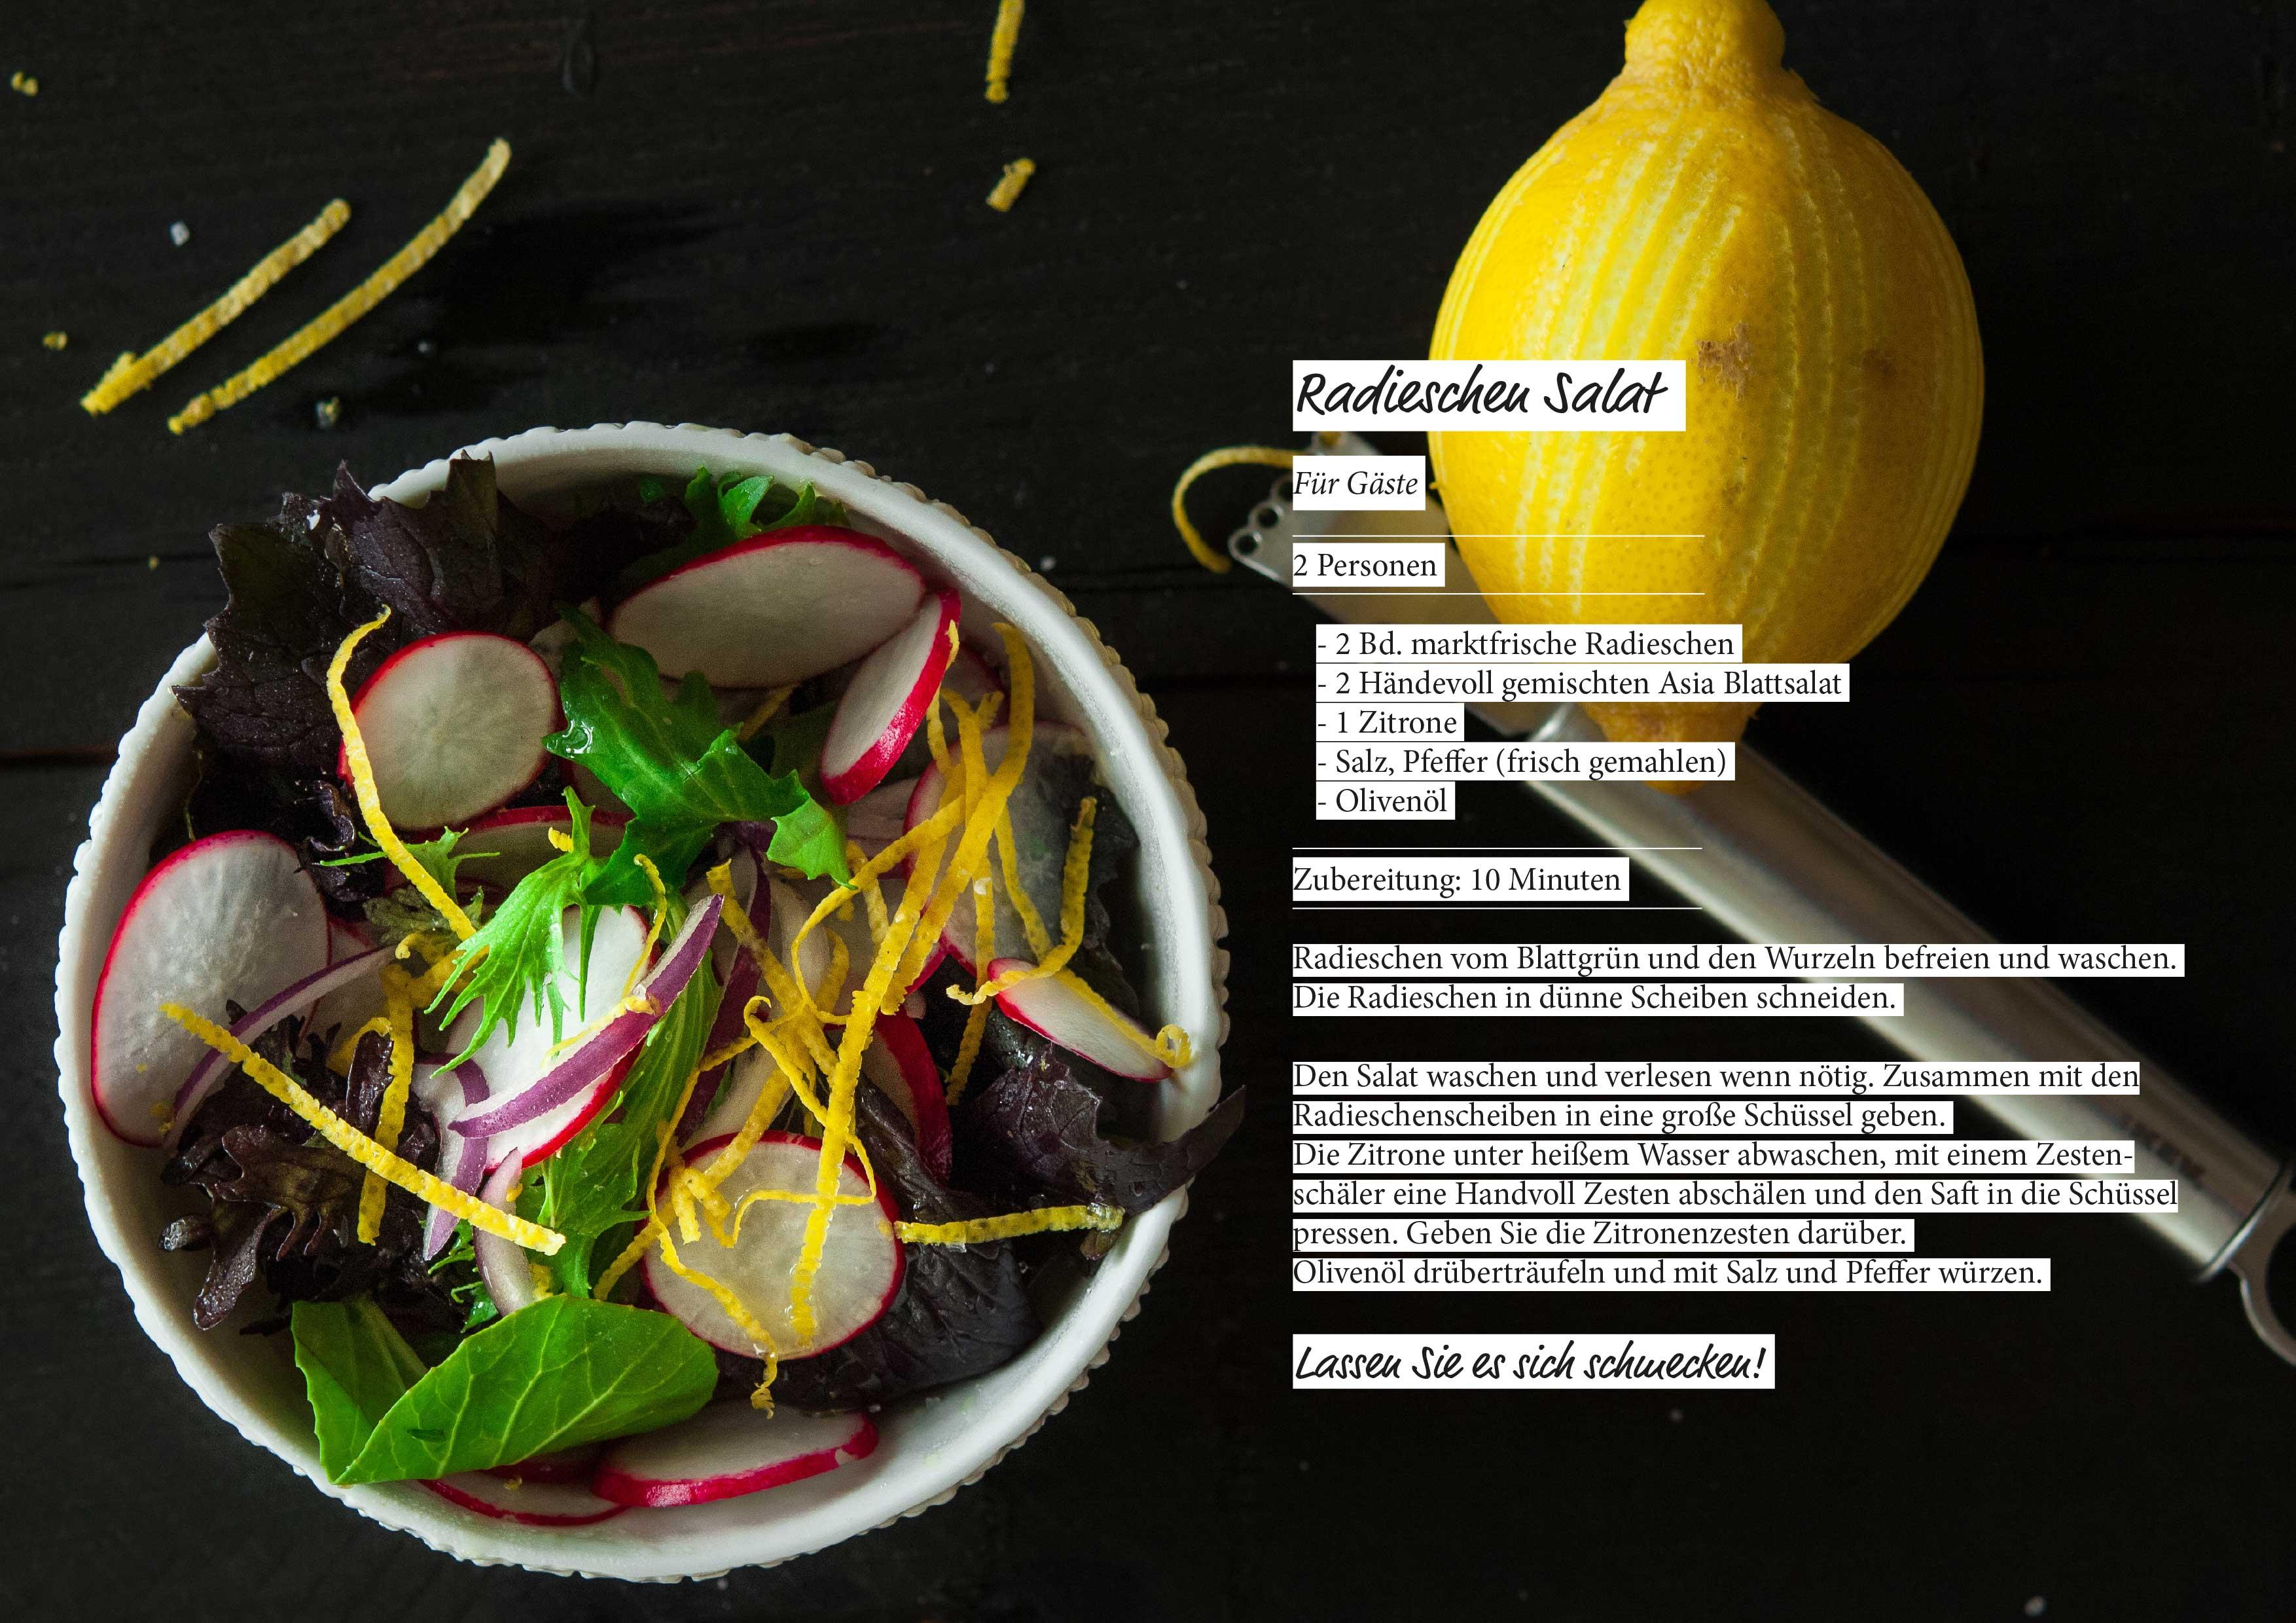 foodographie | Radieschensalat | Torsten Fleischer